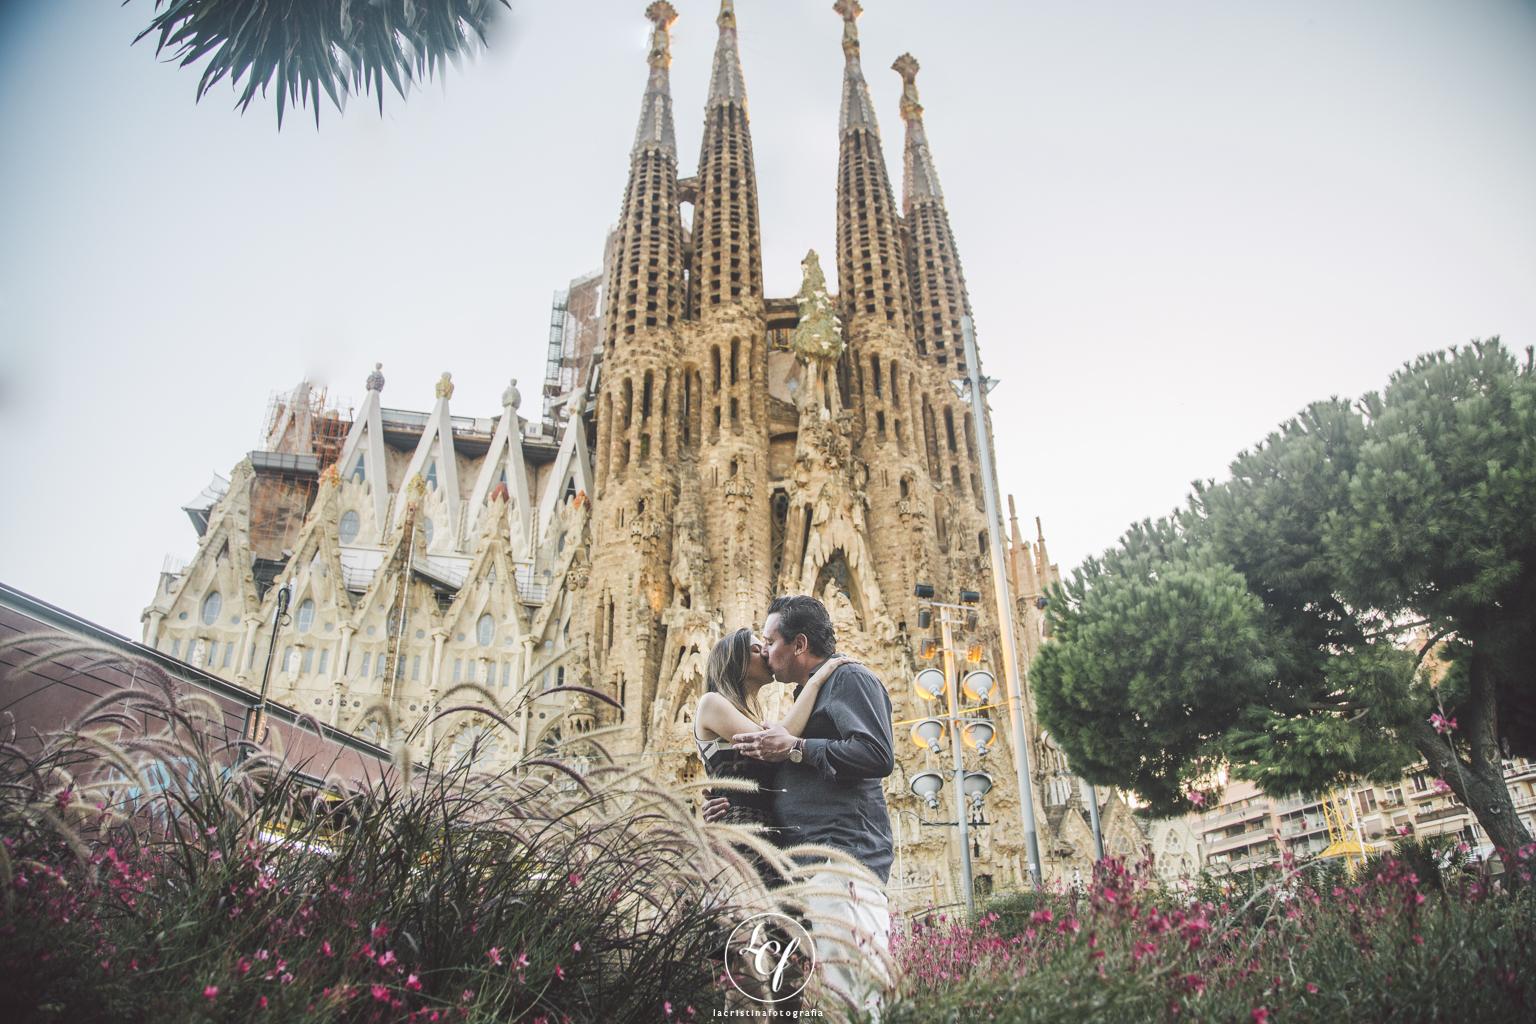 Fot grafo de pareja barcelona parque g ell y sagrada familia la cristina fotografia - Fotografos de barcelona ...